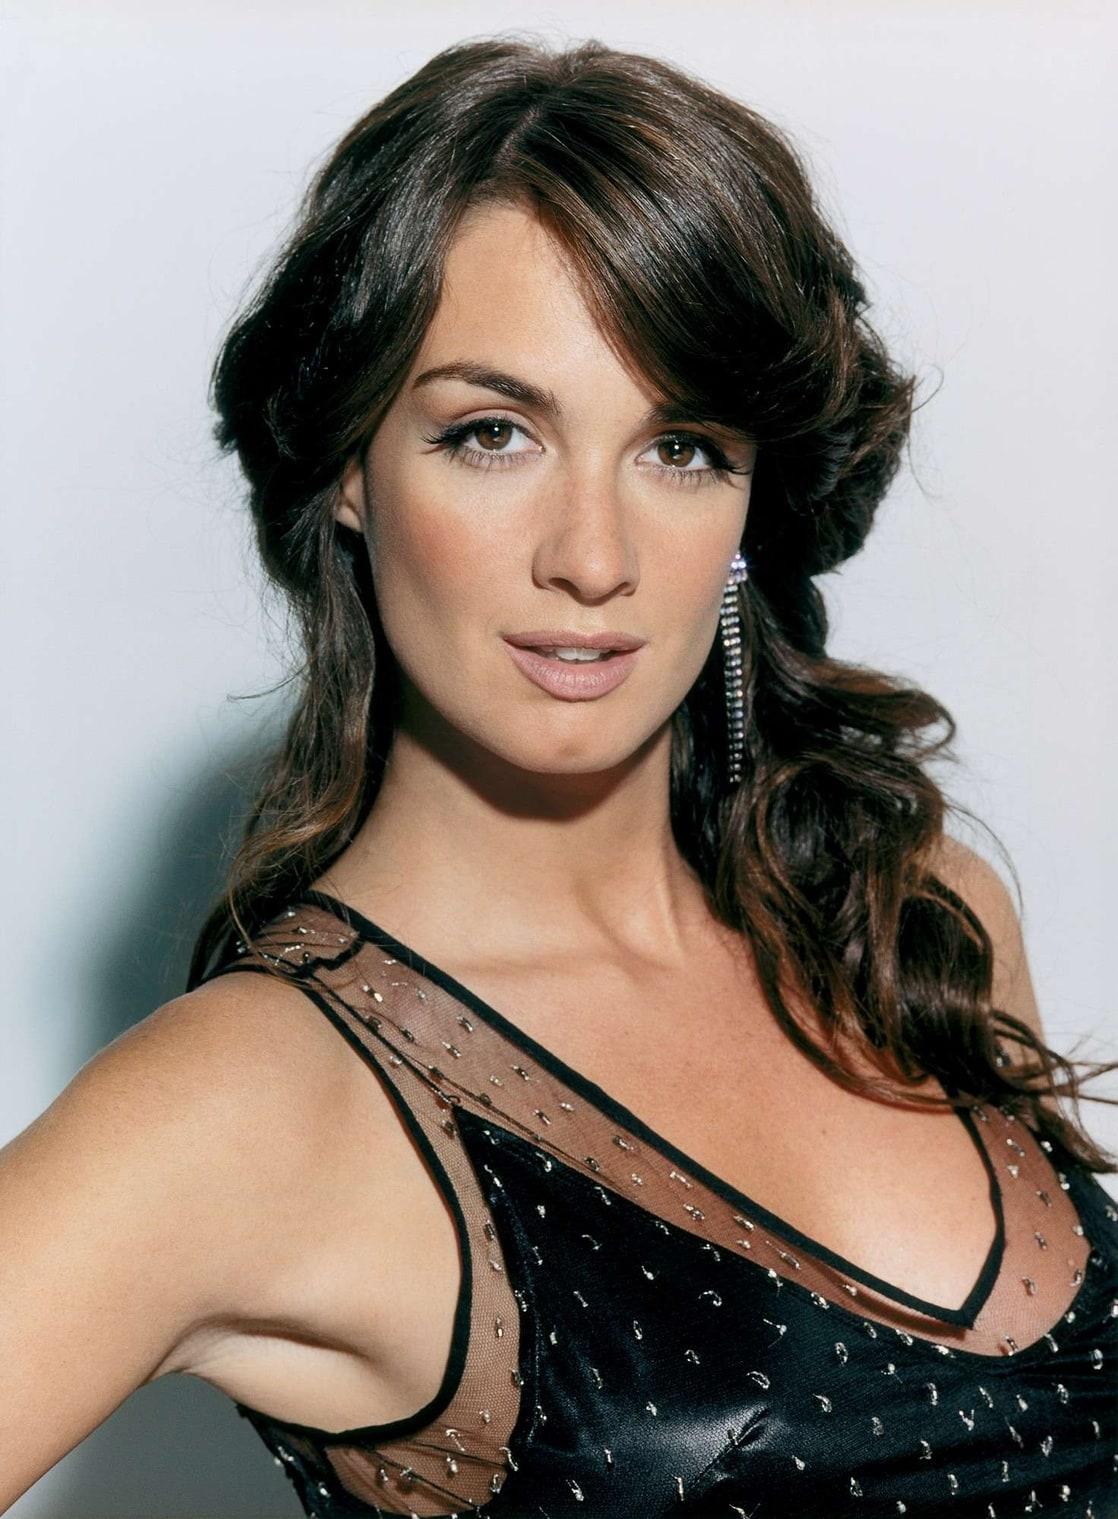 Picture Of Paz Vega